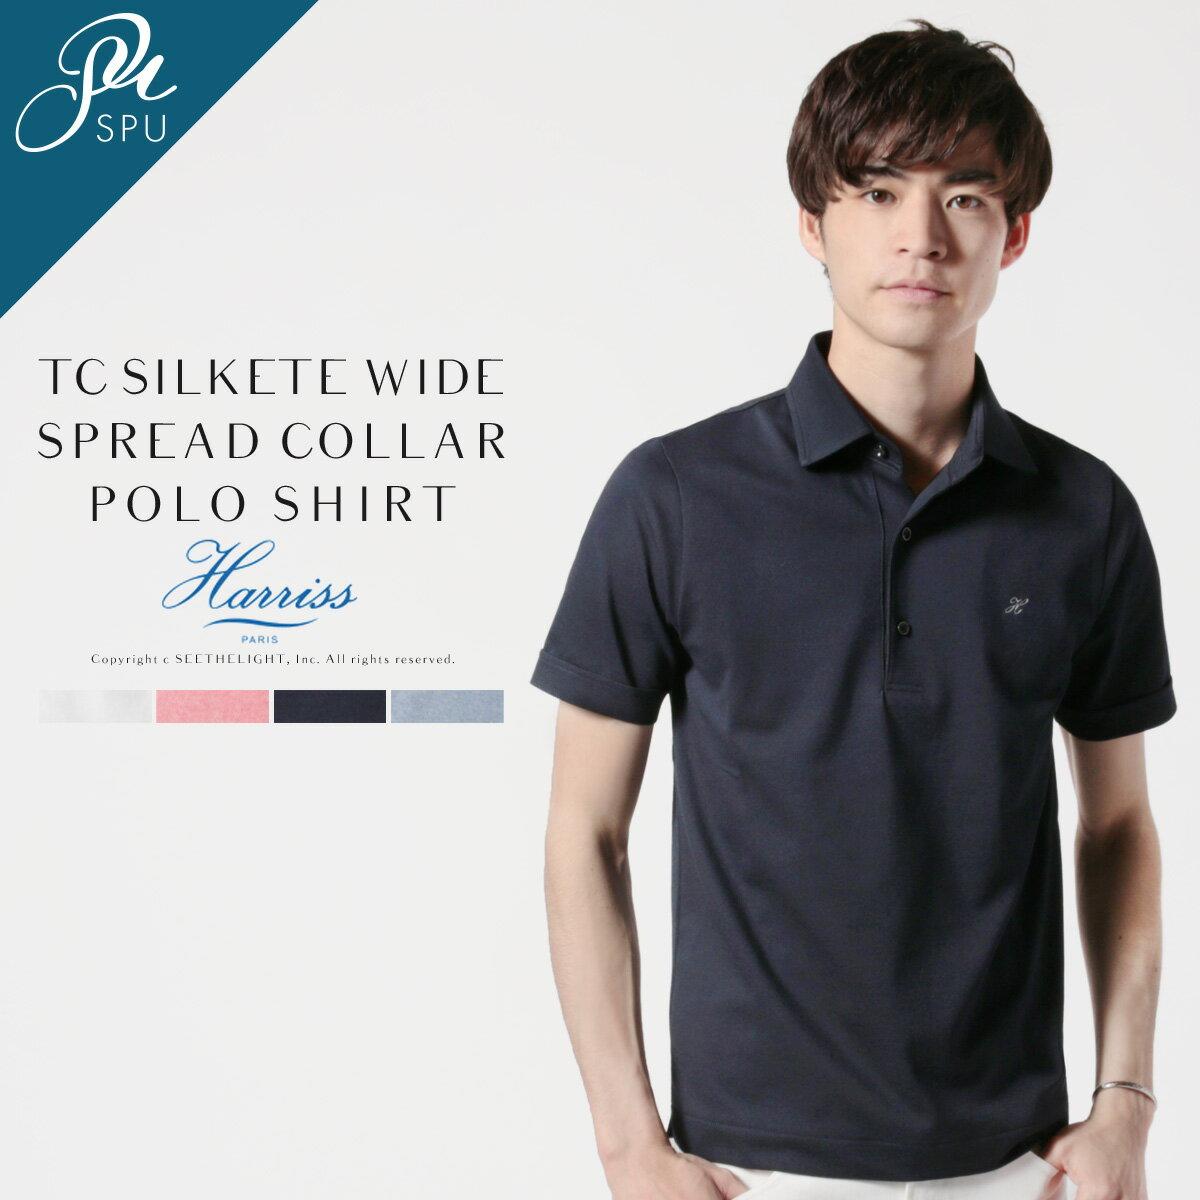 メンズ ポロシャツ メンズファッション TC シルケット 鹿の子 ワイドスプレッドカラー 半袖 ポロシャツ Harriss ハリス